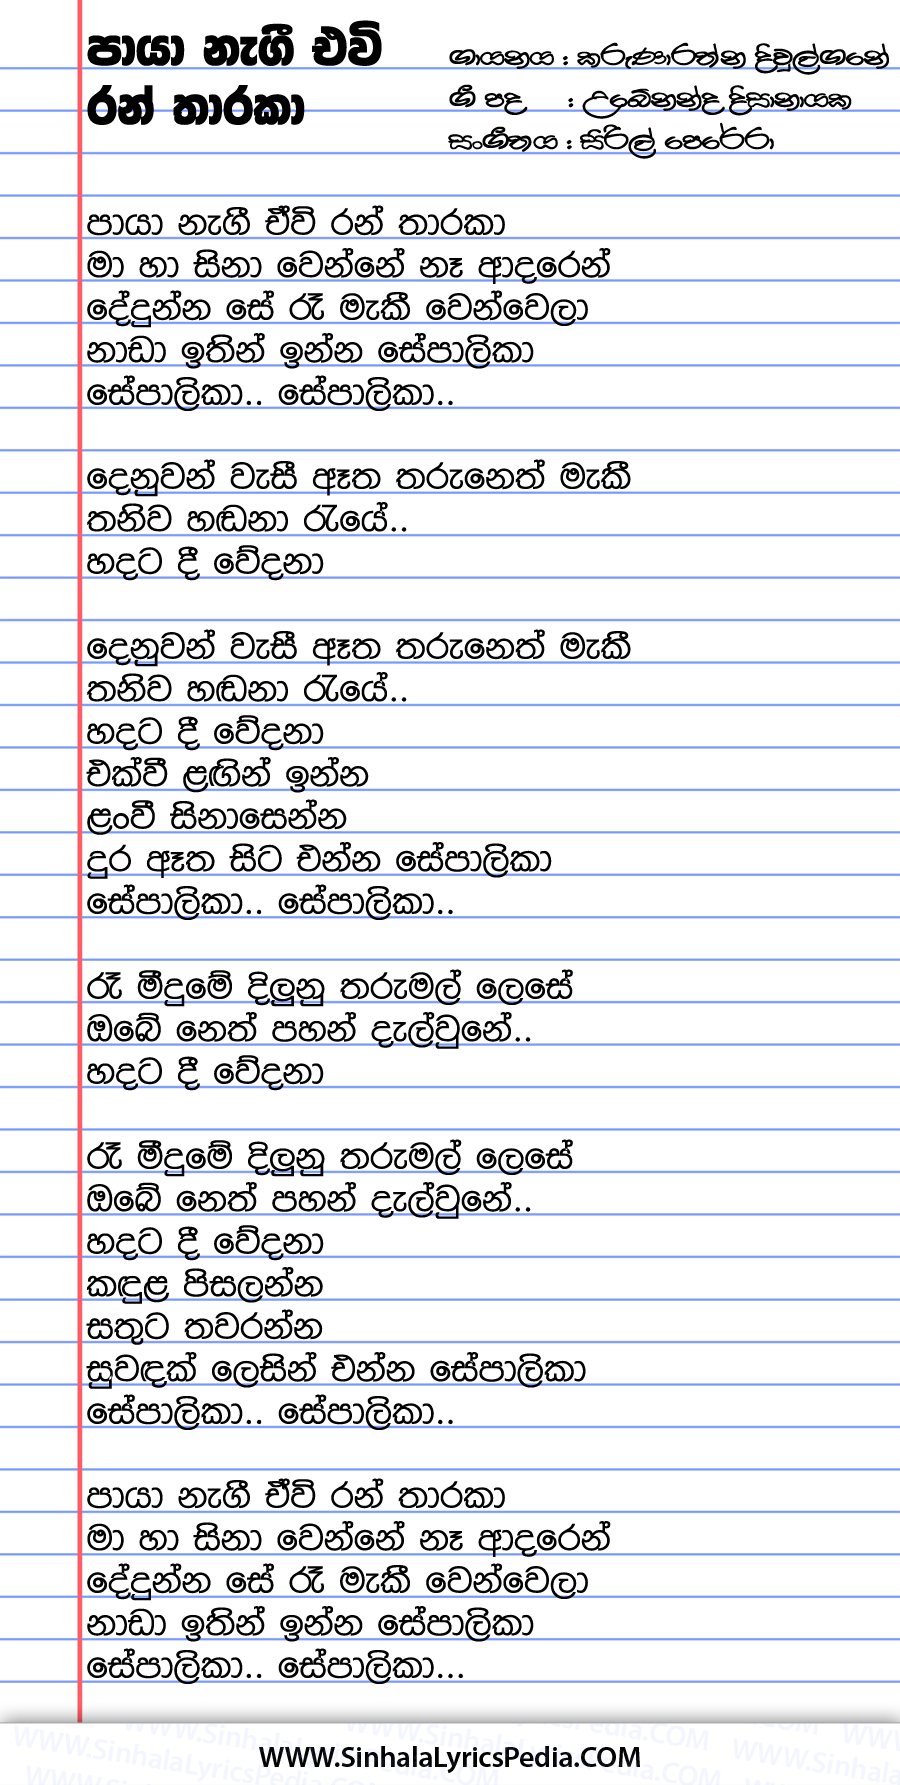 Paya Nagi Ewi Ran Tharaka Song Lyrics